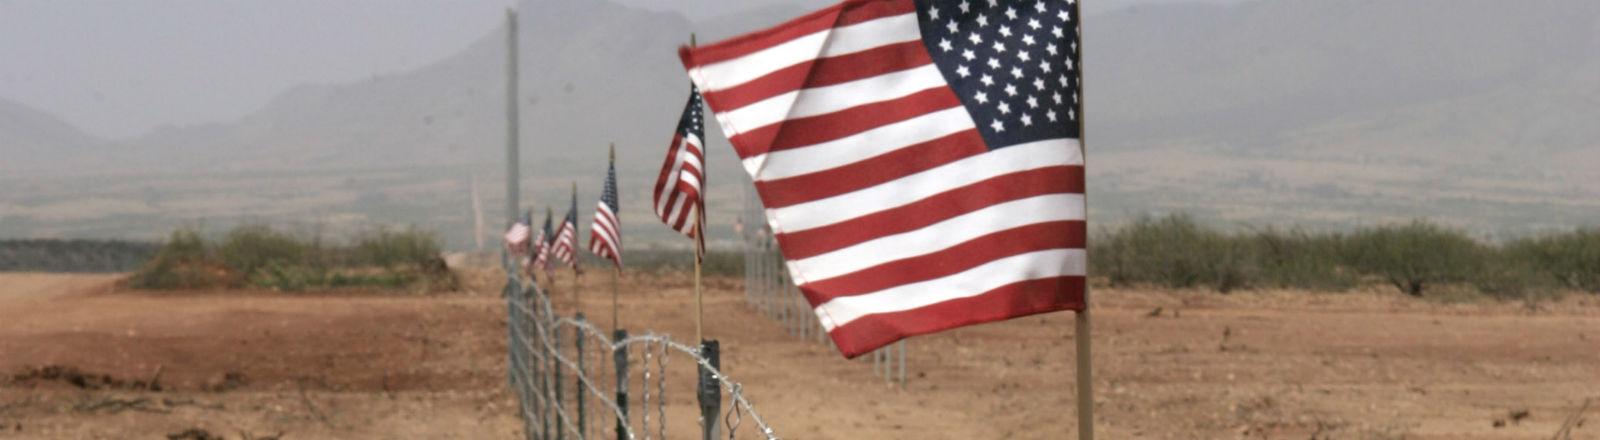 Ein Stacheldrahtzaun mit amerikanischen Flaggen auf den Pfählen. Bild: dpa